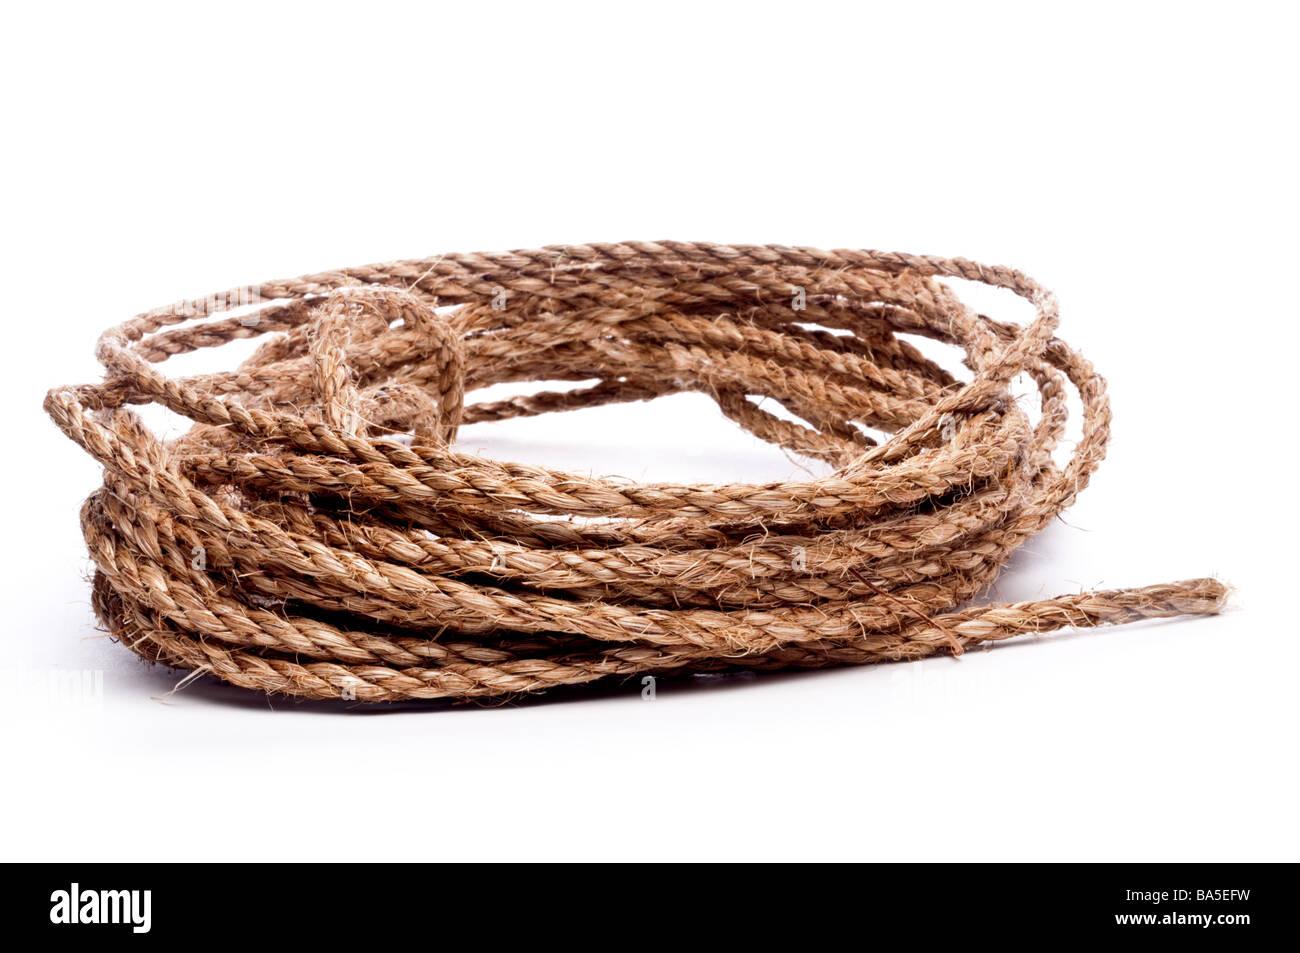 Una vista horizontal de una bobina de cuerda en blanco Imagen De Stock